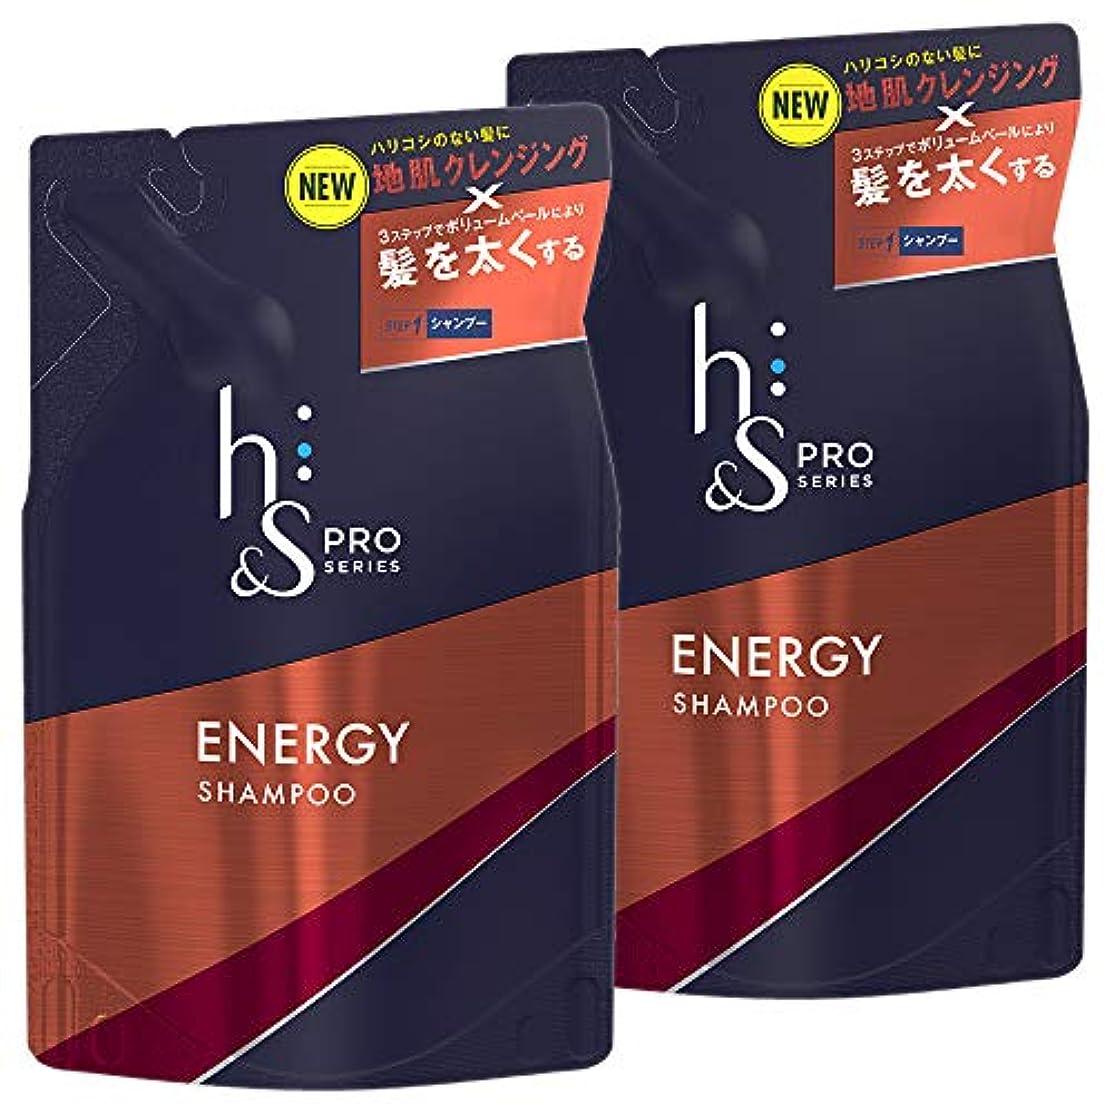 休みプリーツローン【まとめ買い】 h&s for men シャンプー PRO Series エナジー 詰め替え 300mL×2個